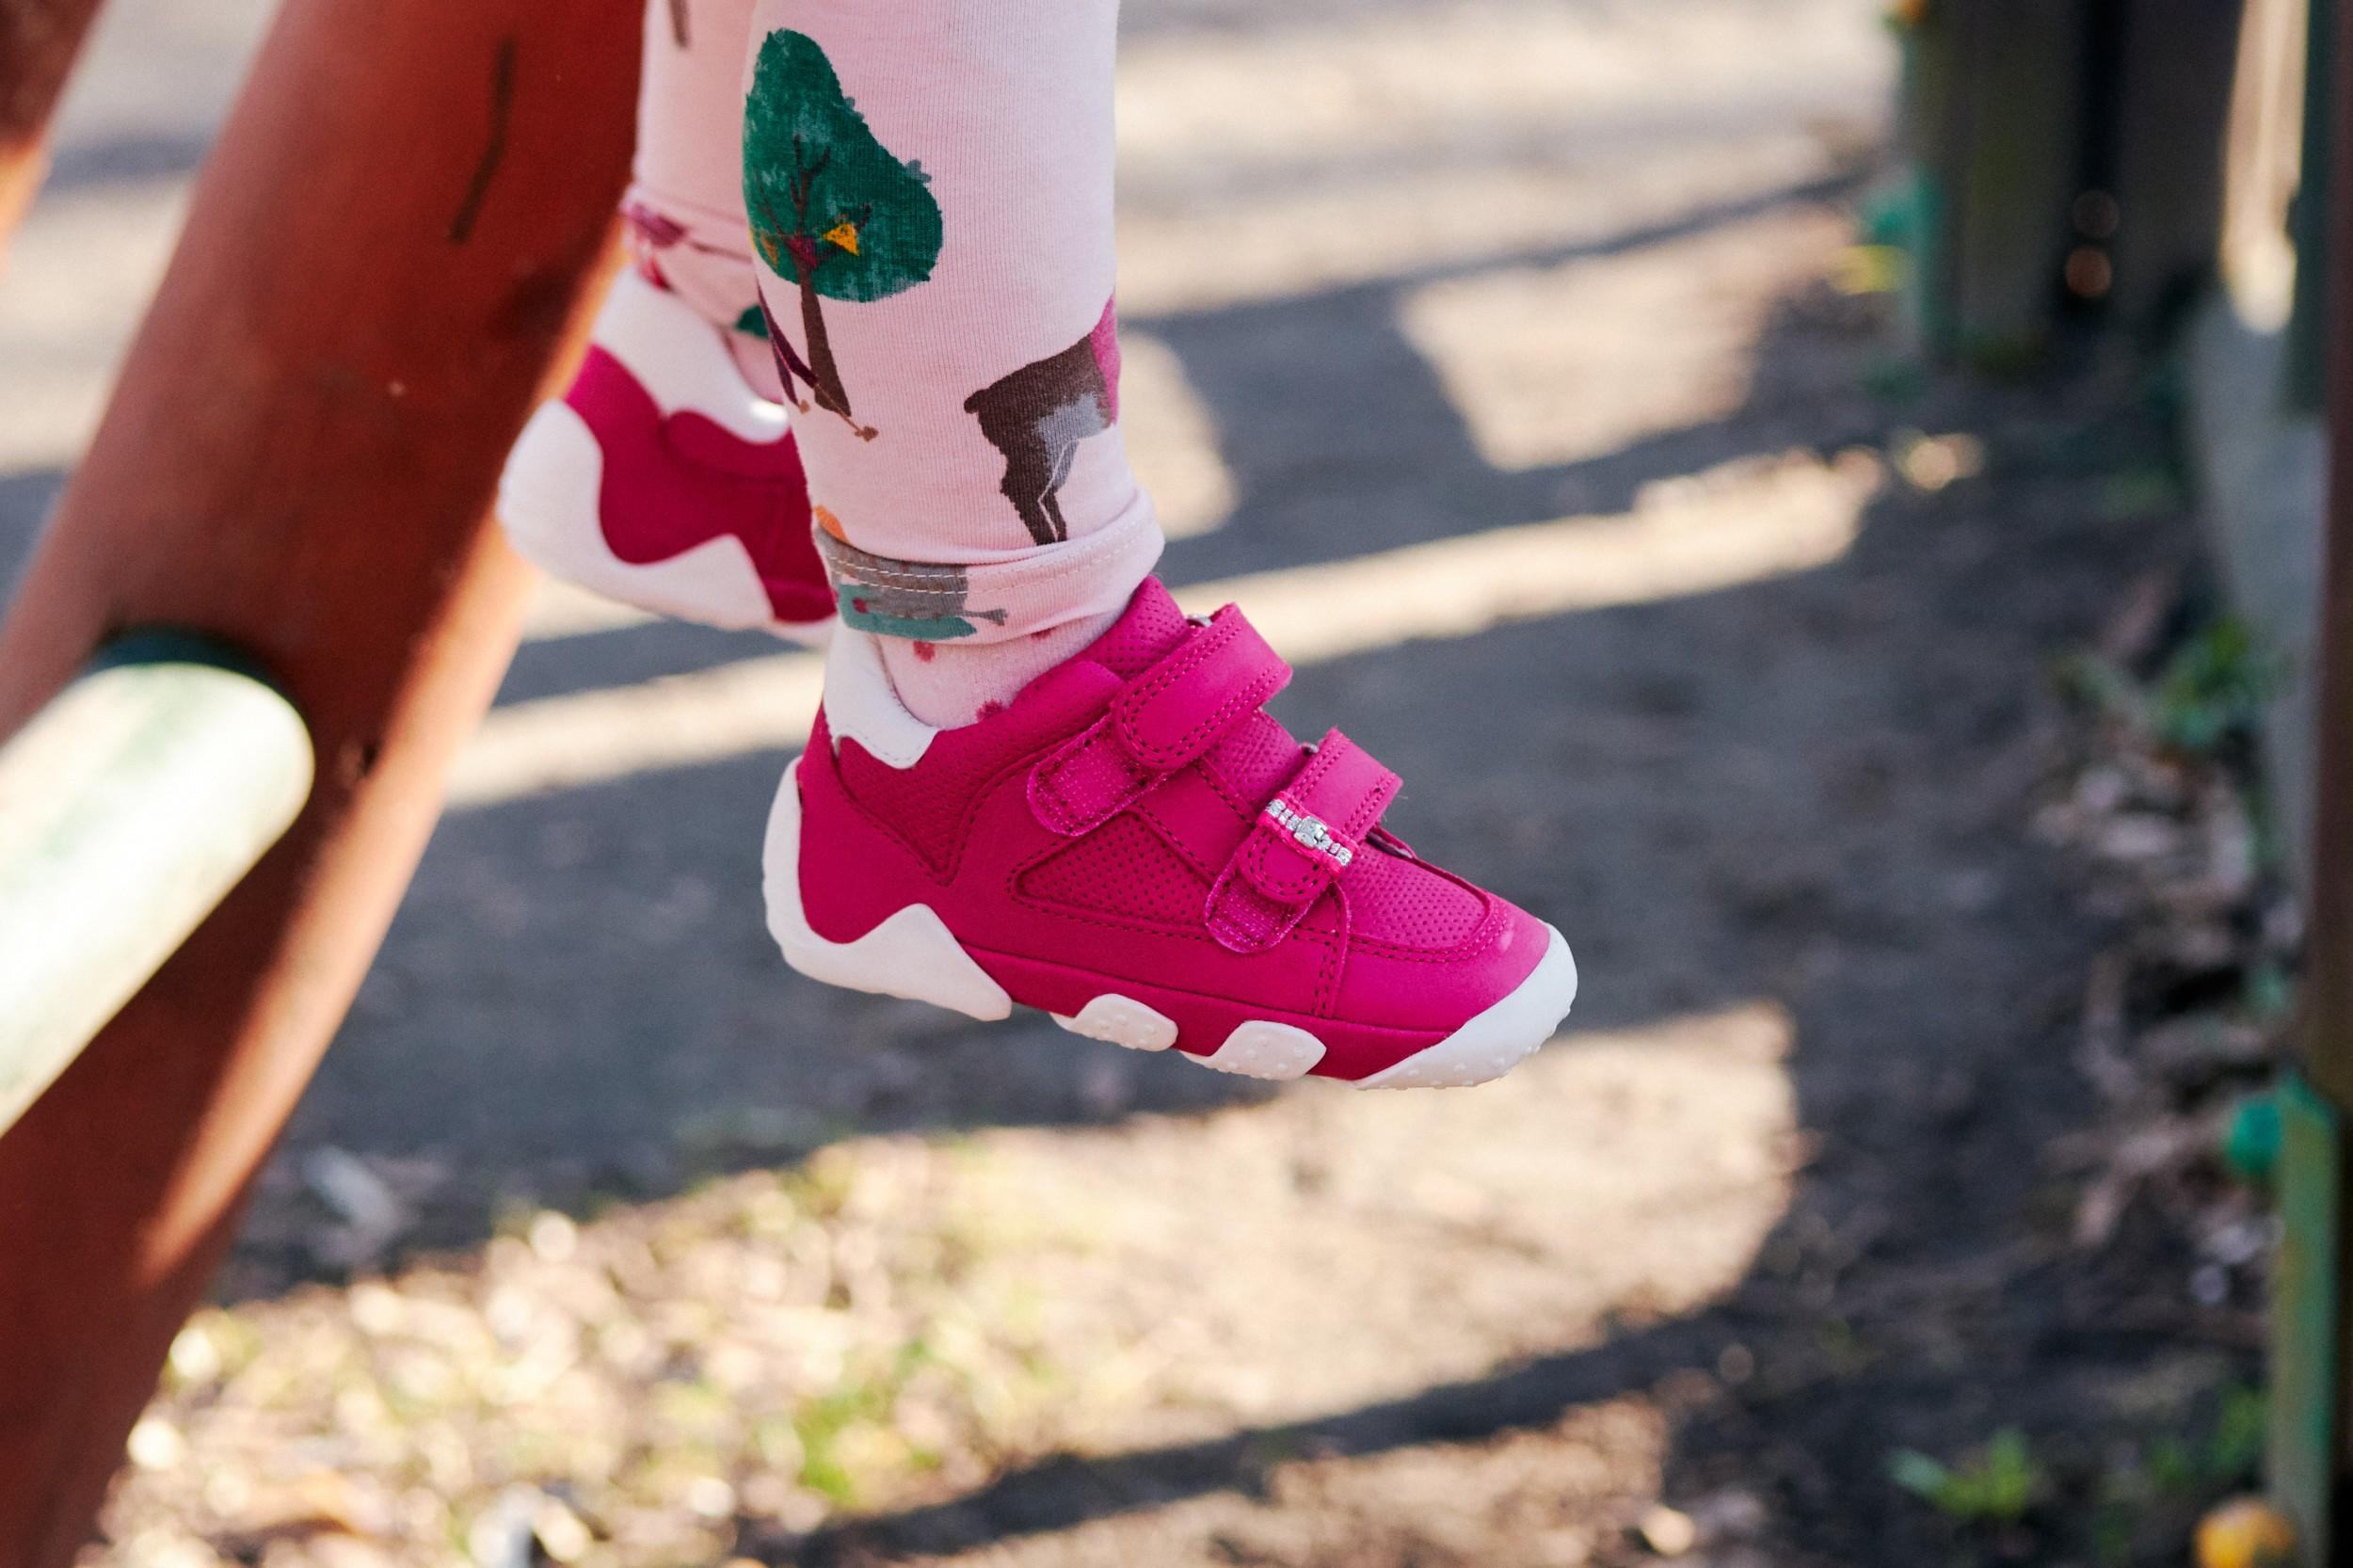 ile większe powinny być sandały dla dziecka